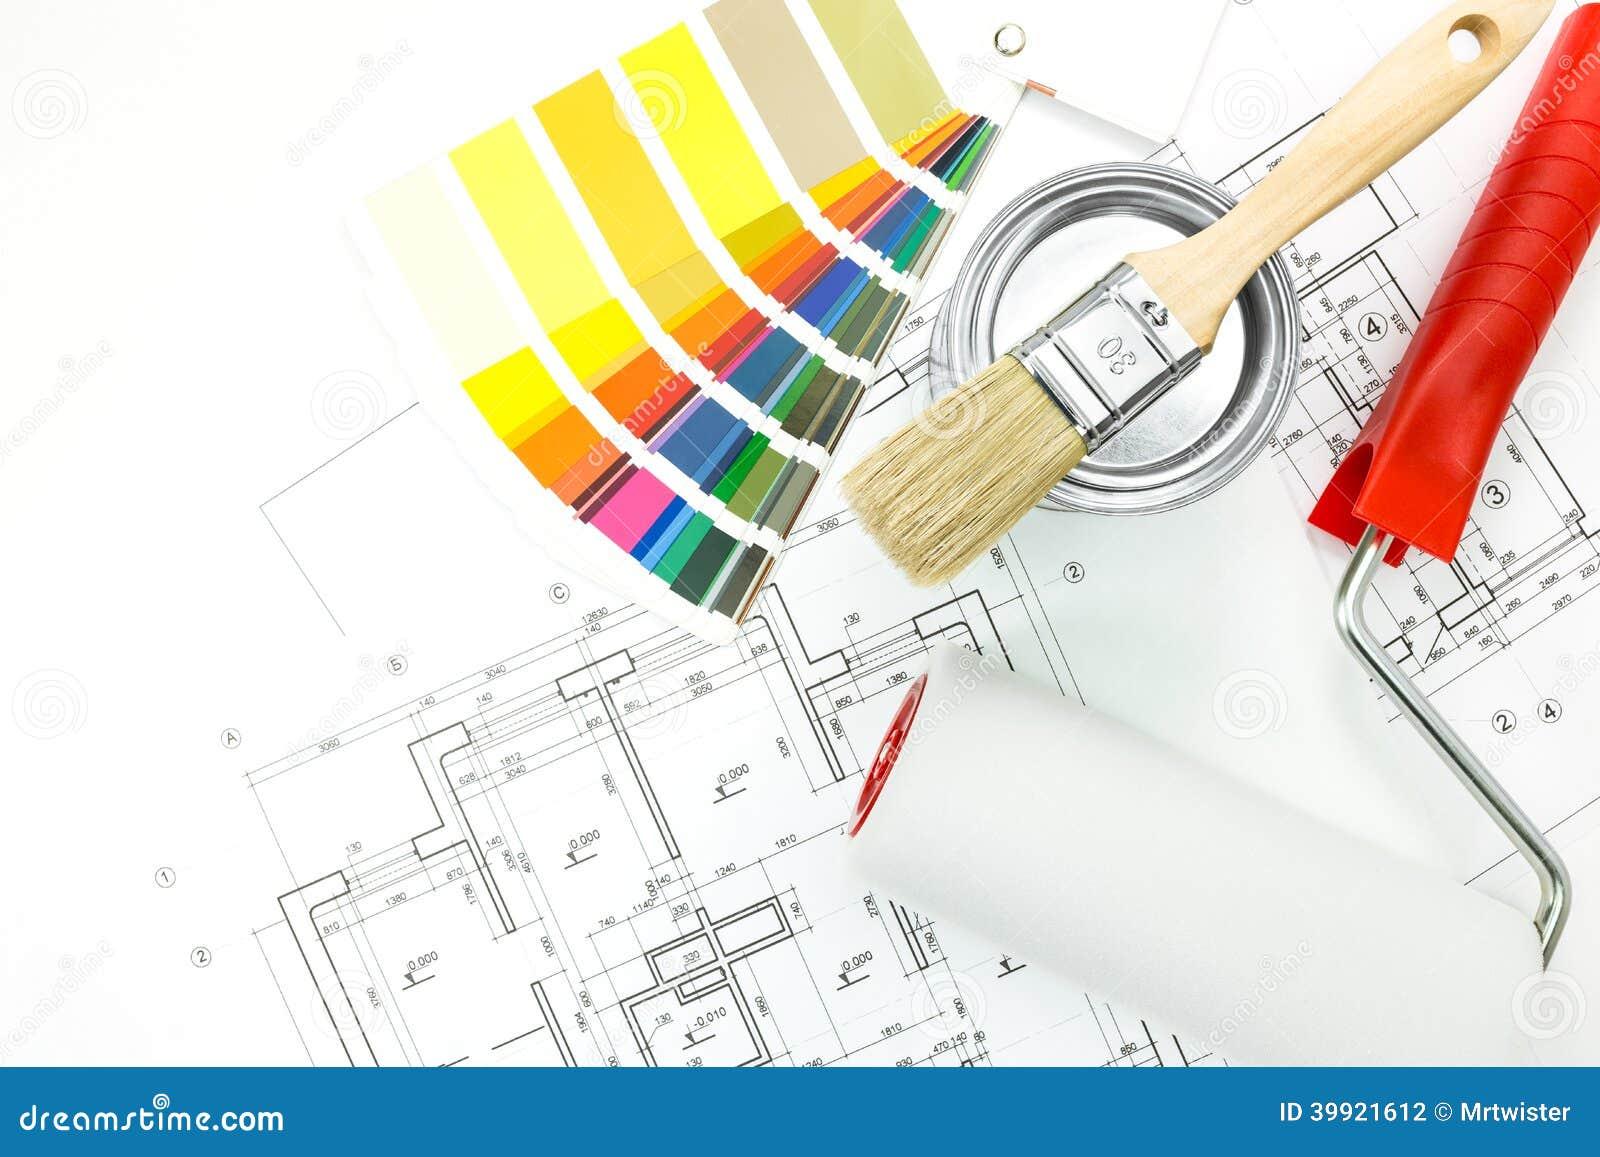 Chantillons de couleur brosse pot de peinture photo stock image 39921612 - Echantillon de couleurs de peinture ...